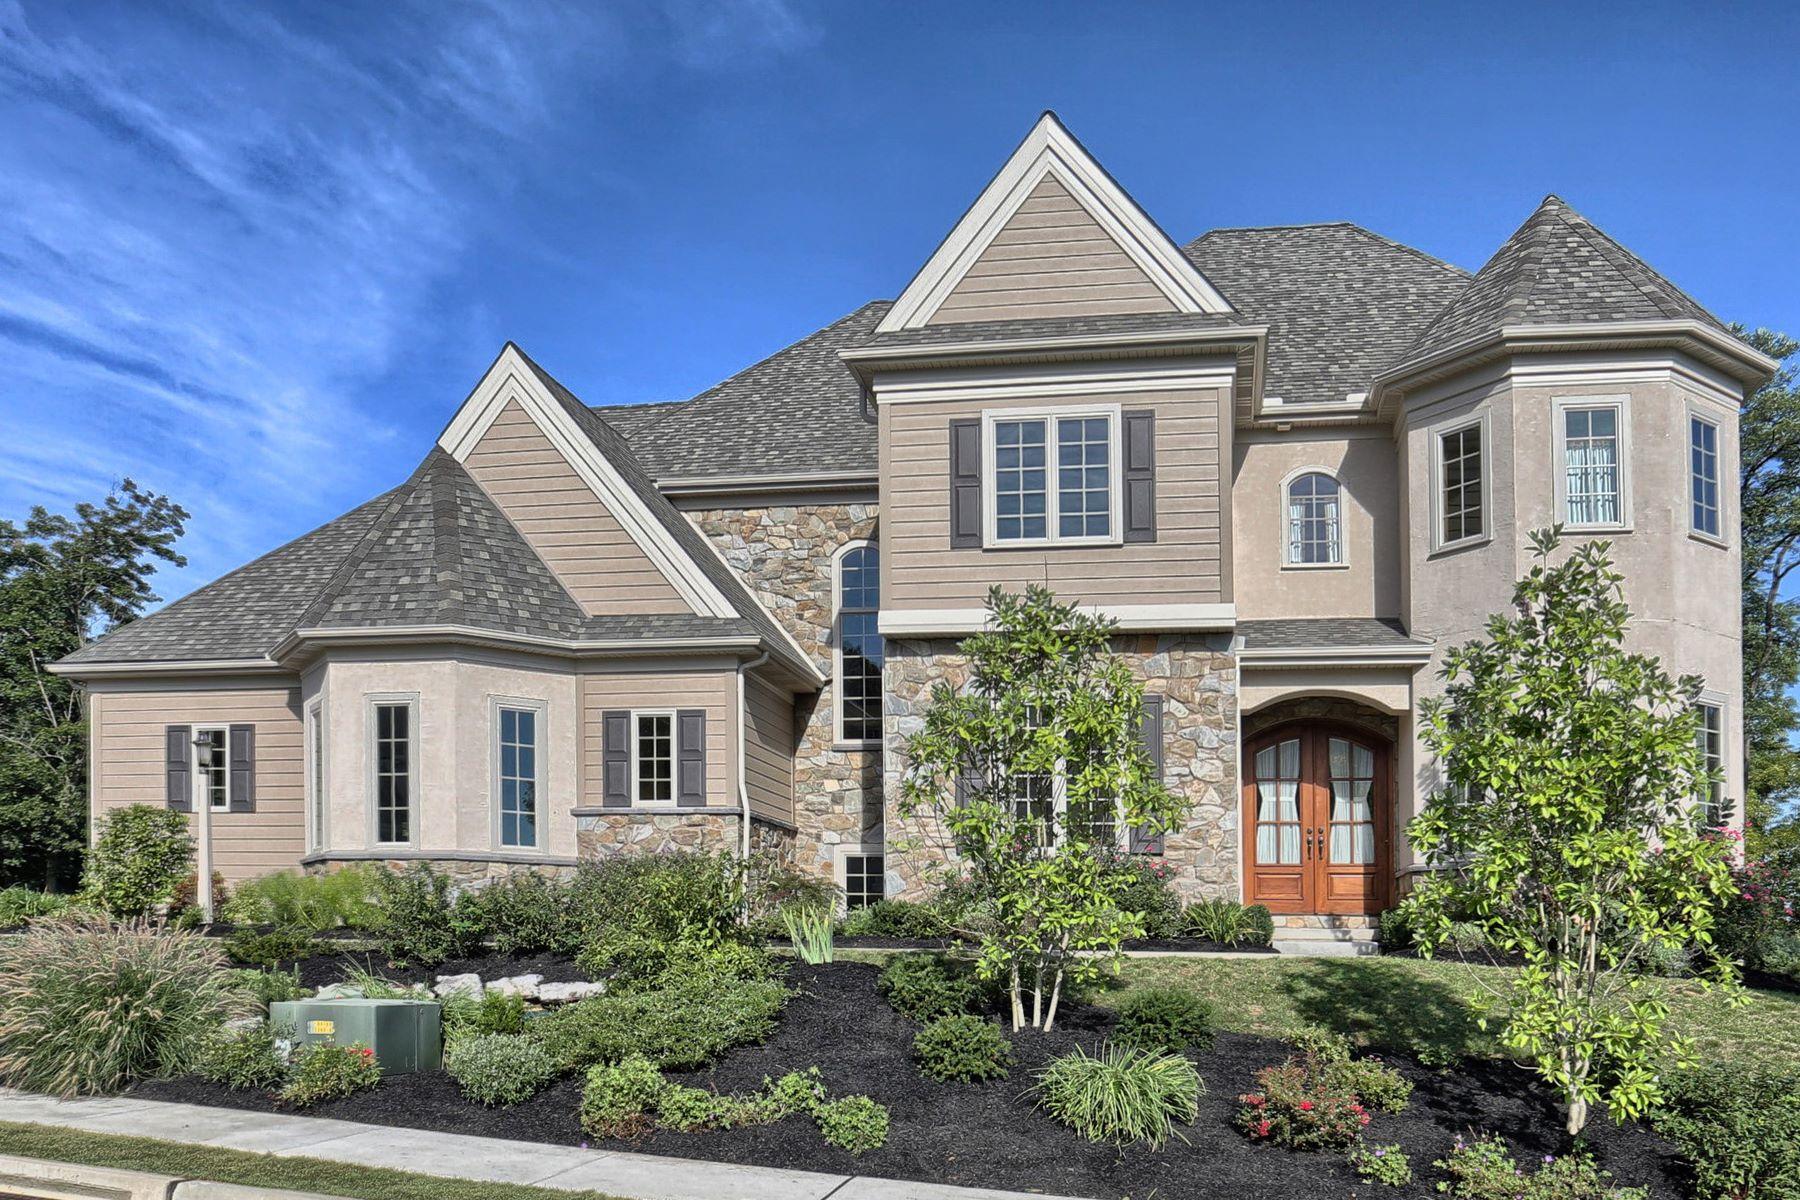 独户住宅 为 销售 在 363 Spring Haven Drive 兰开斯特, 宾夕法尼亚州 17601 美国